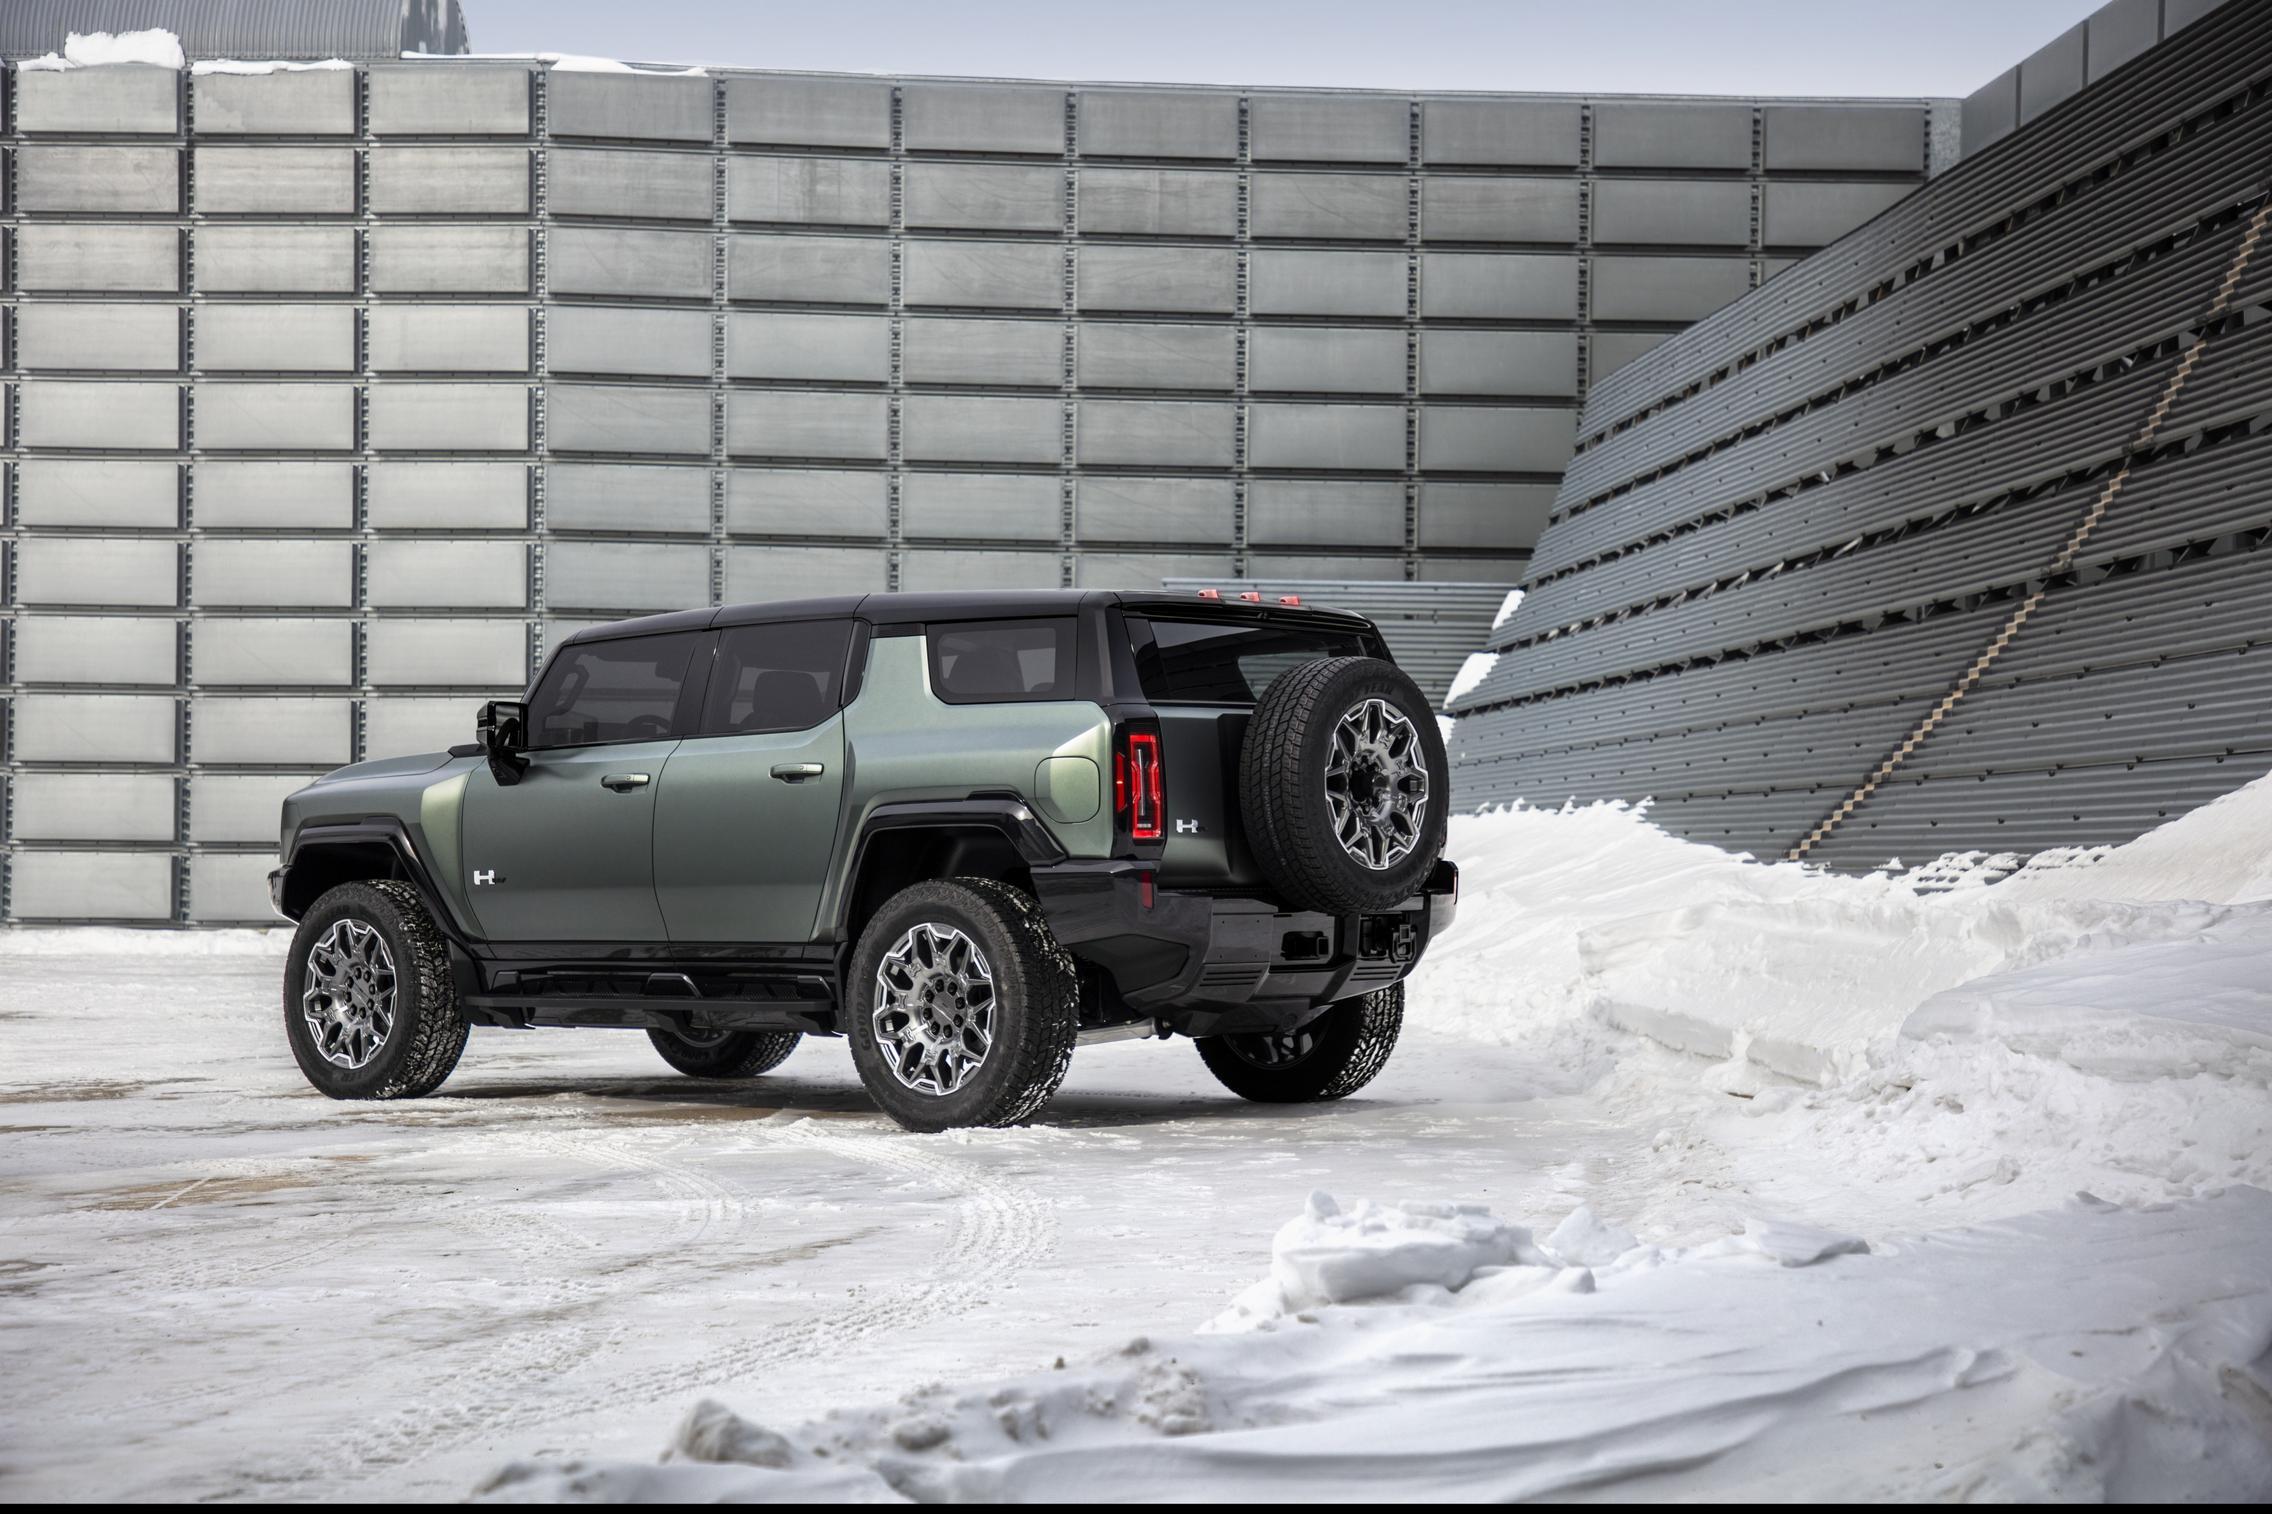 Hummer EV SUV rear